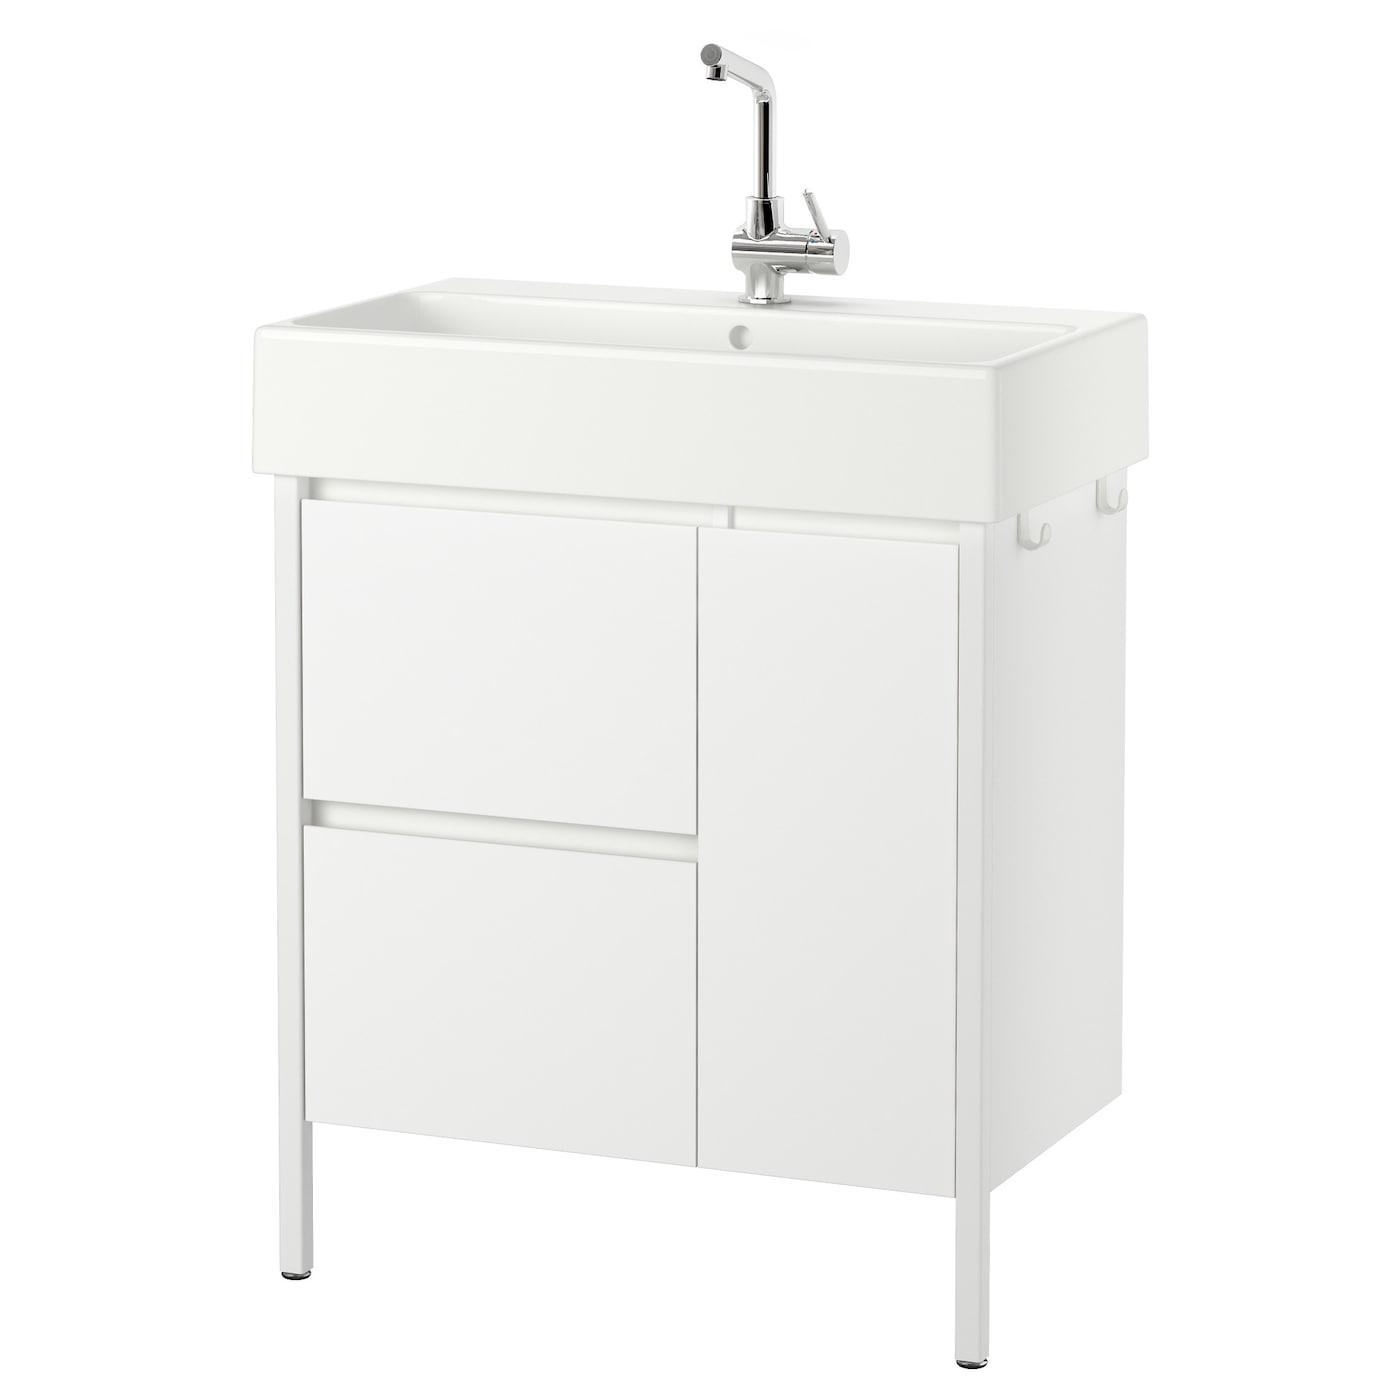 Under sink cabinet bathroom - Ikea Yddingen Wash Stand With 2 Drawers 1 Door